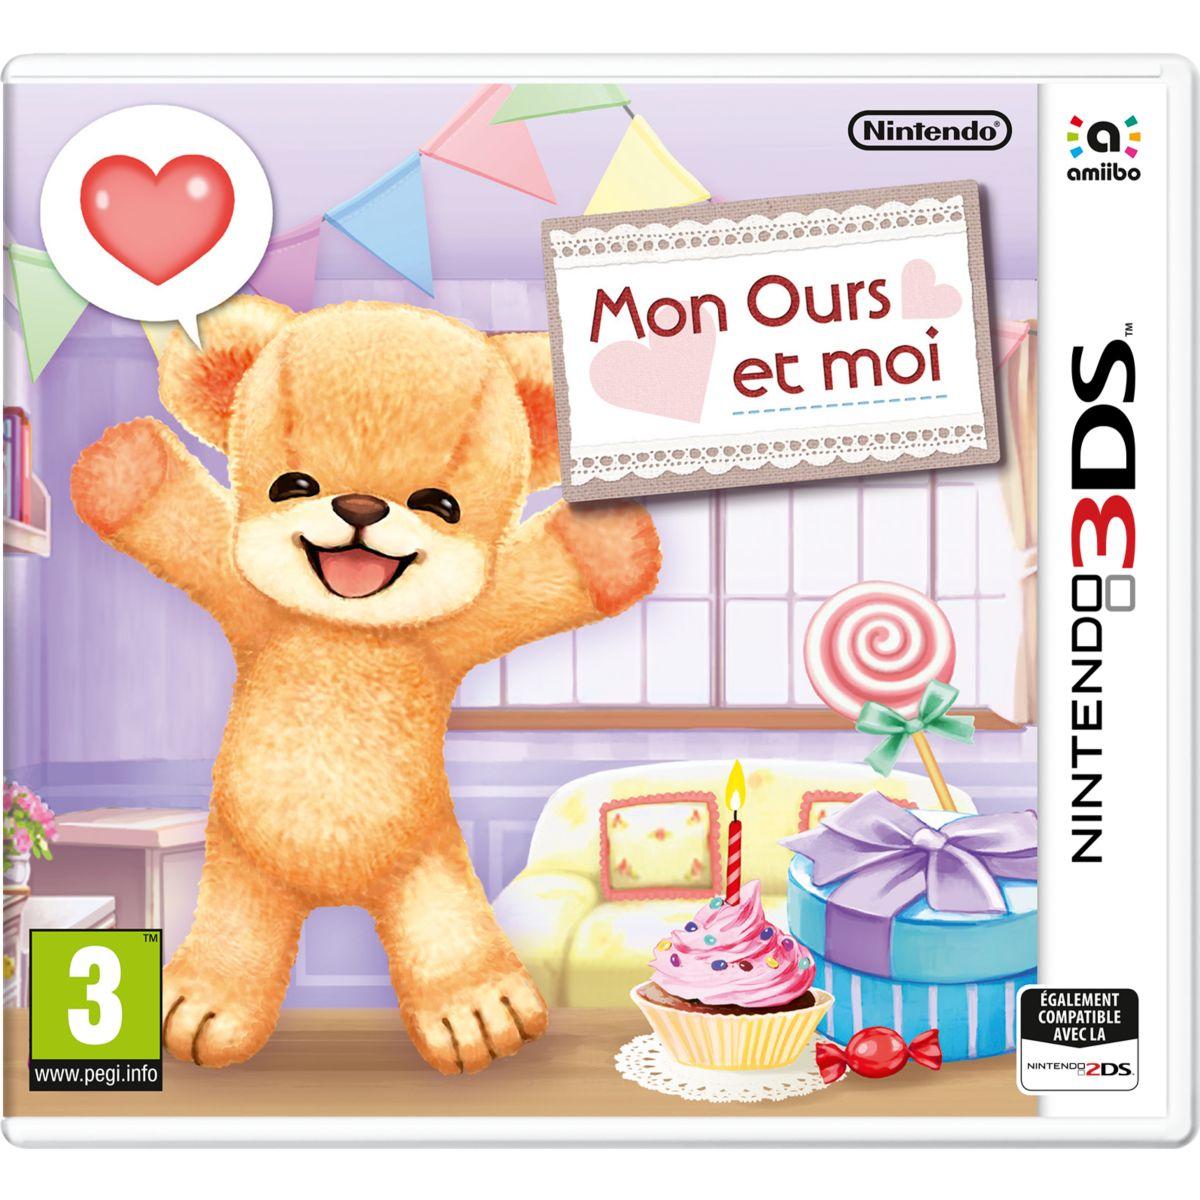 Jeu 3DS NINTENDO Mon Ours et moi (photo)